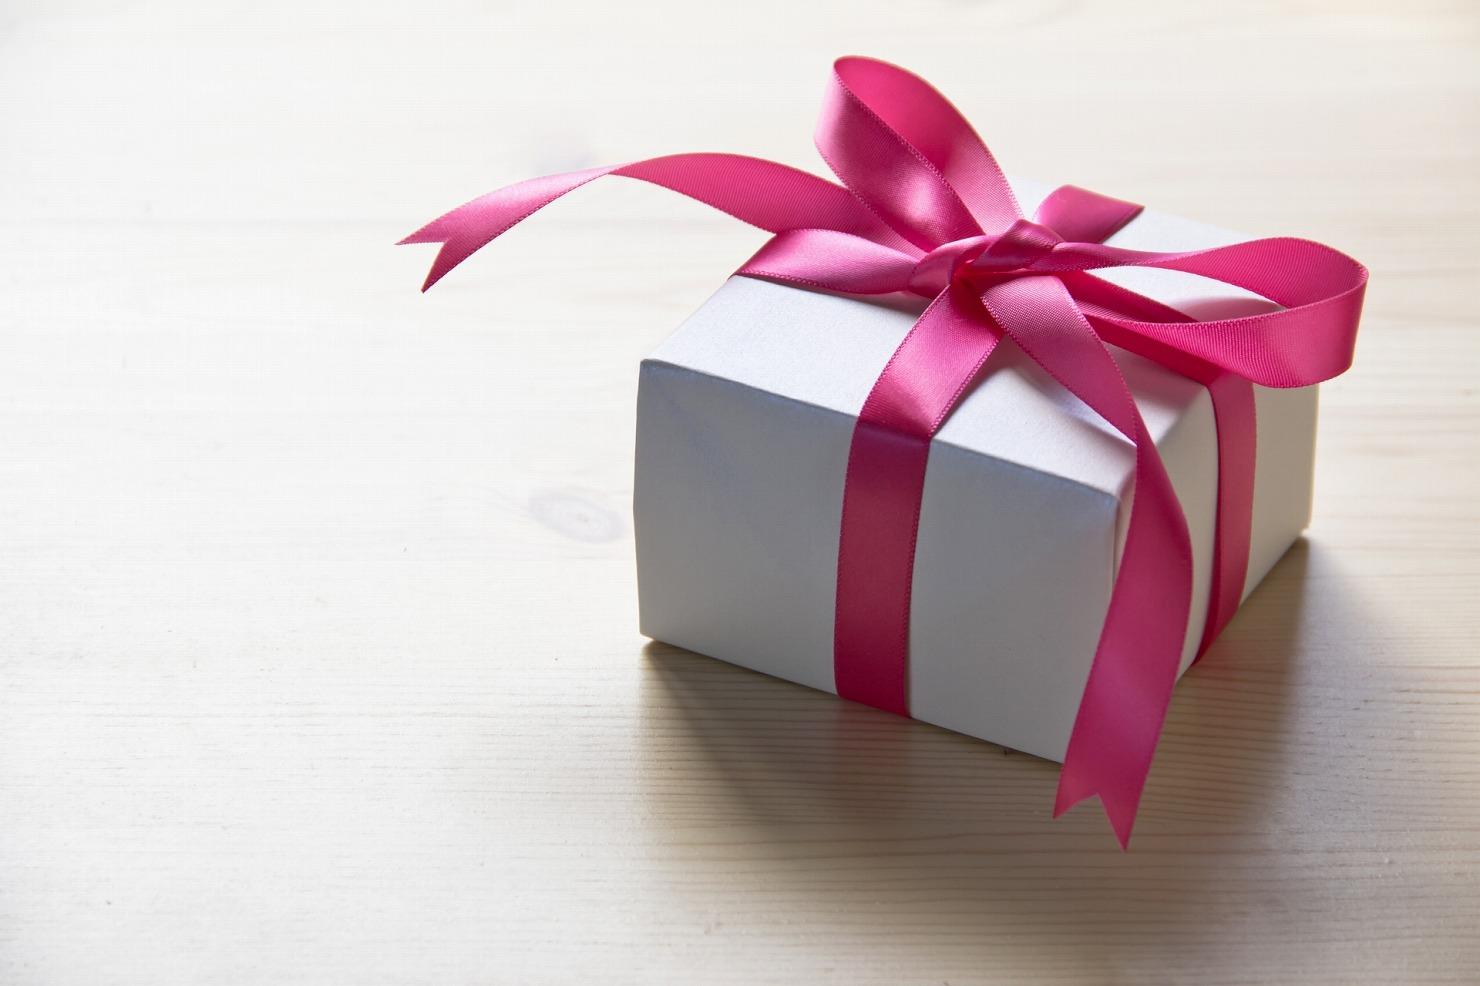 誕生日特典⑦:スタッフからのプレゼント